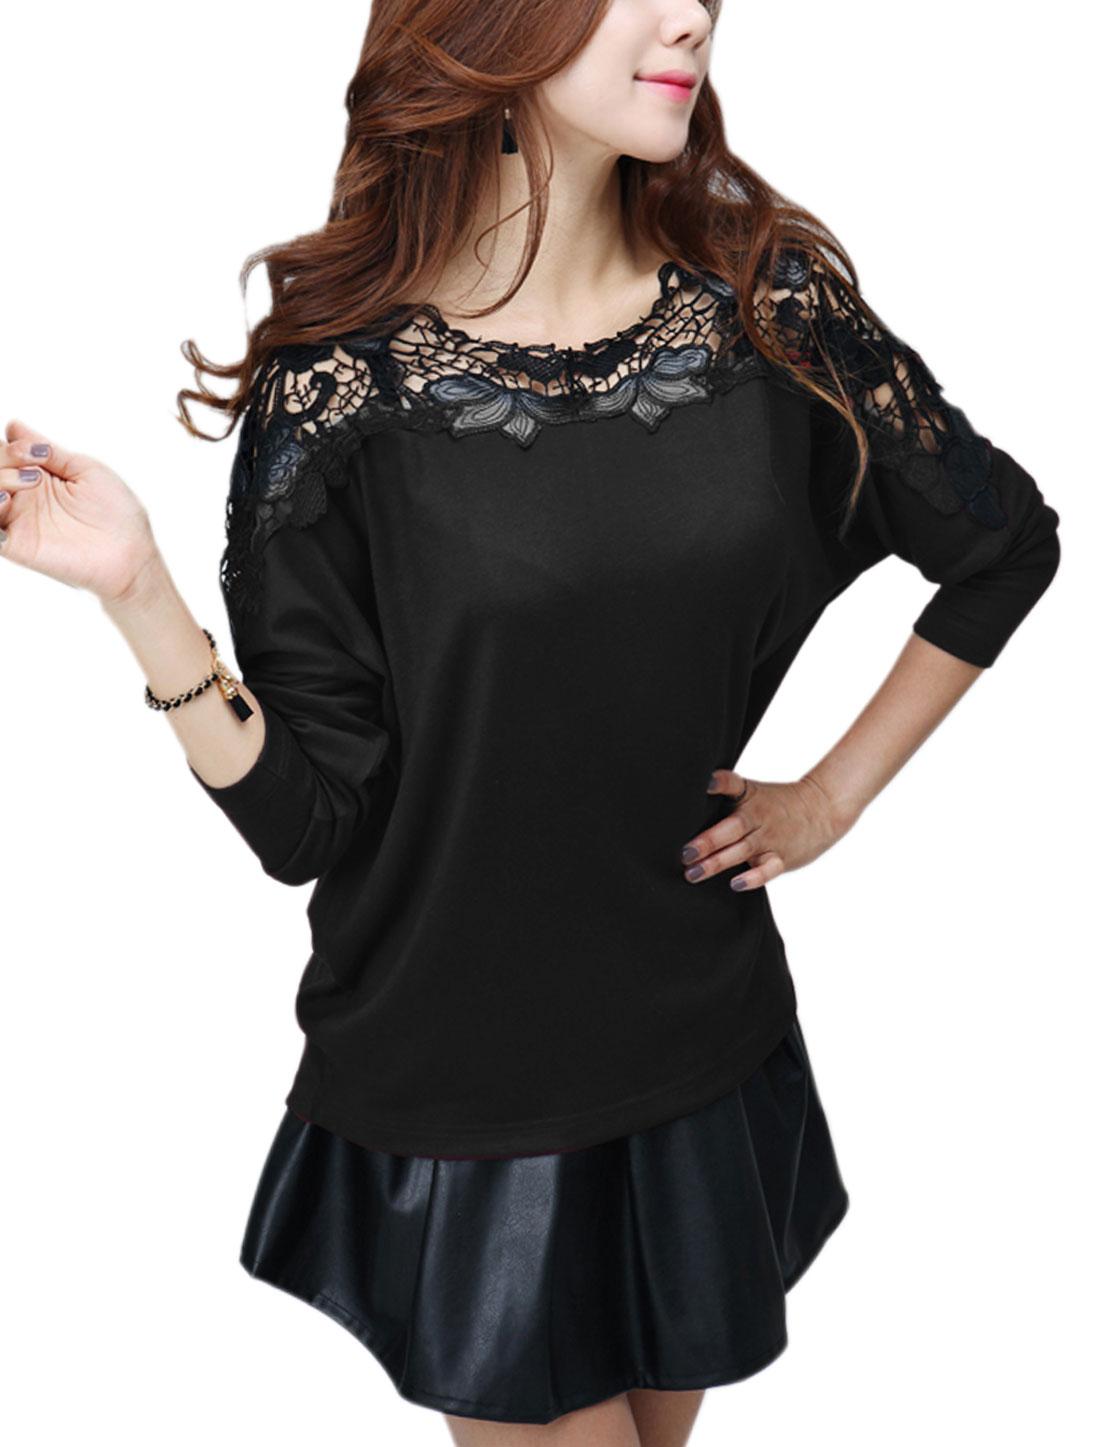 Ladies Black Crochet Long Sleeves Loose Leisure Top S